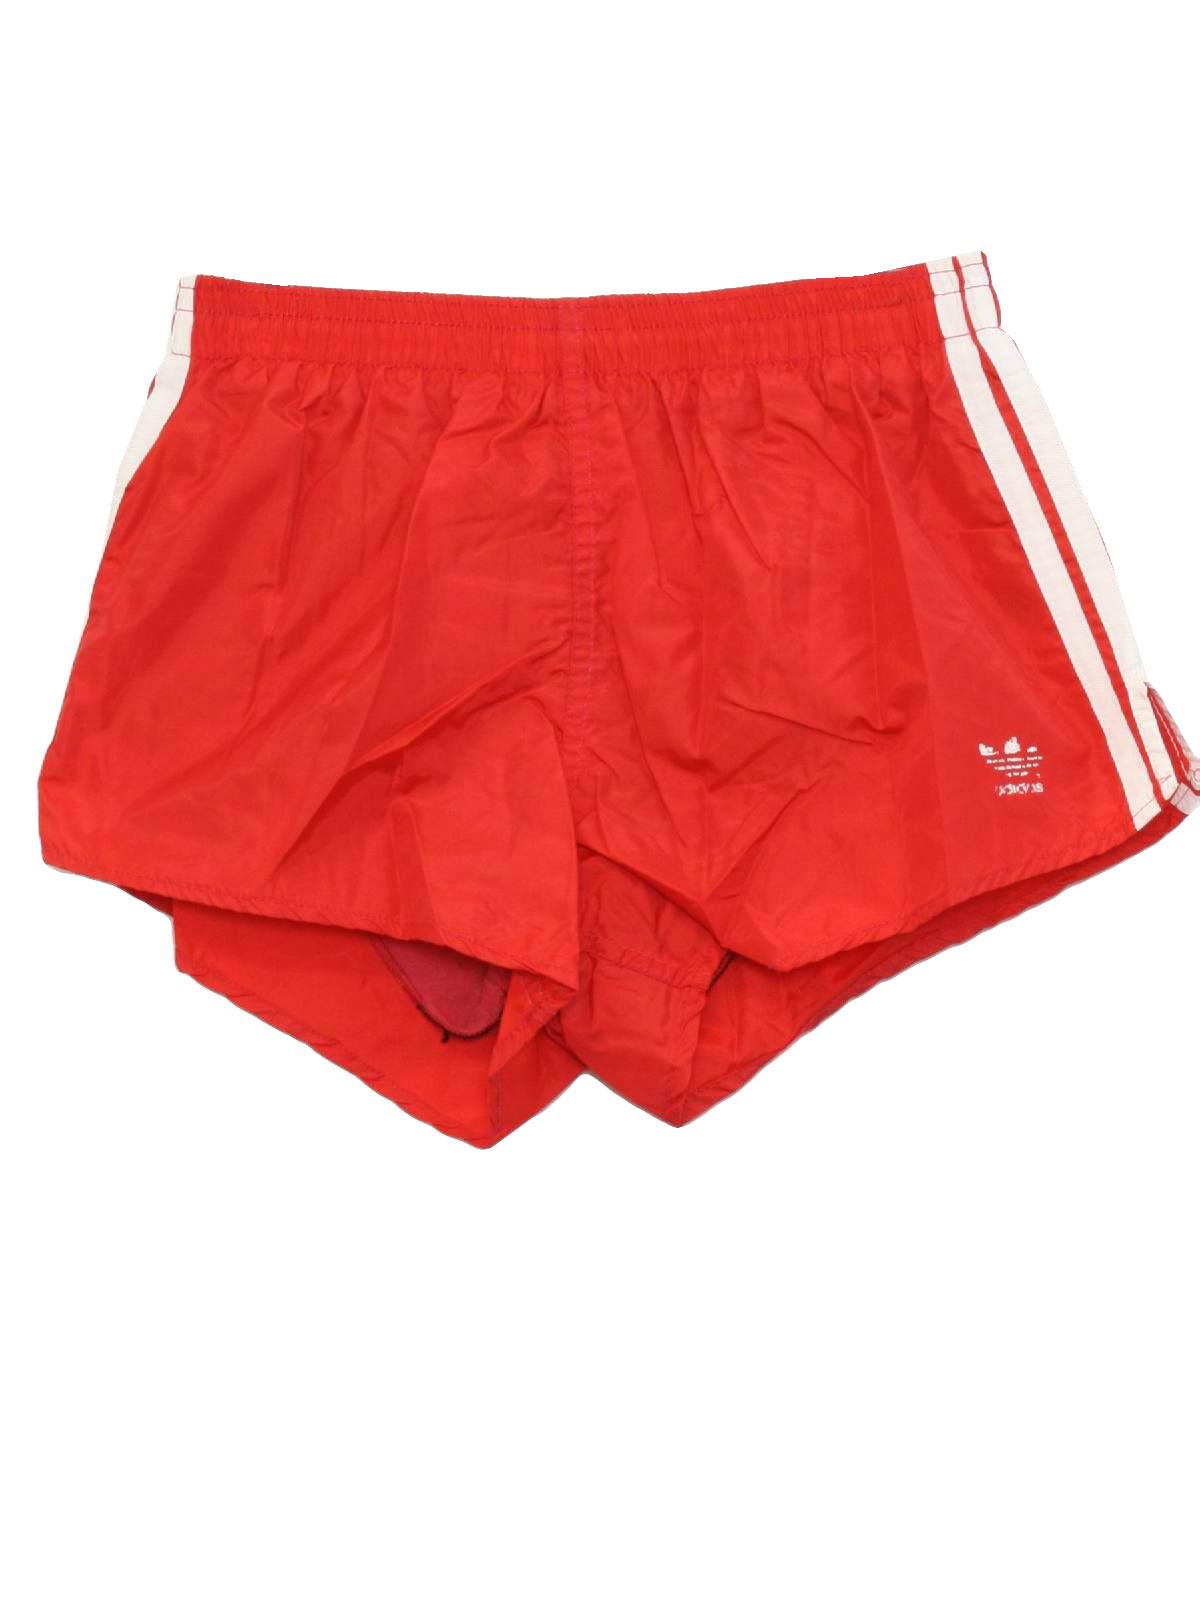 Retro Eighties Swimsuit Swimwear 80s Adidas Made In Usa